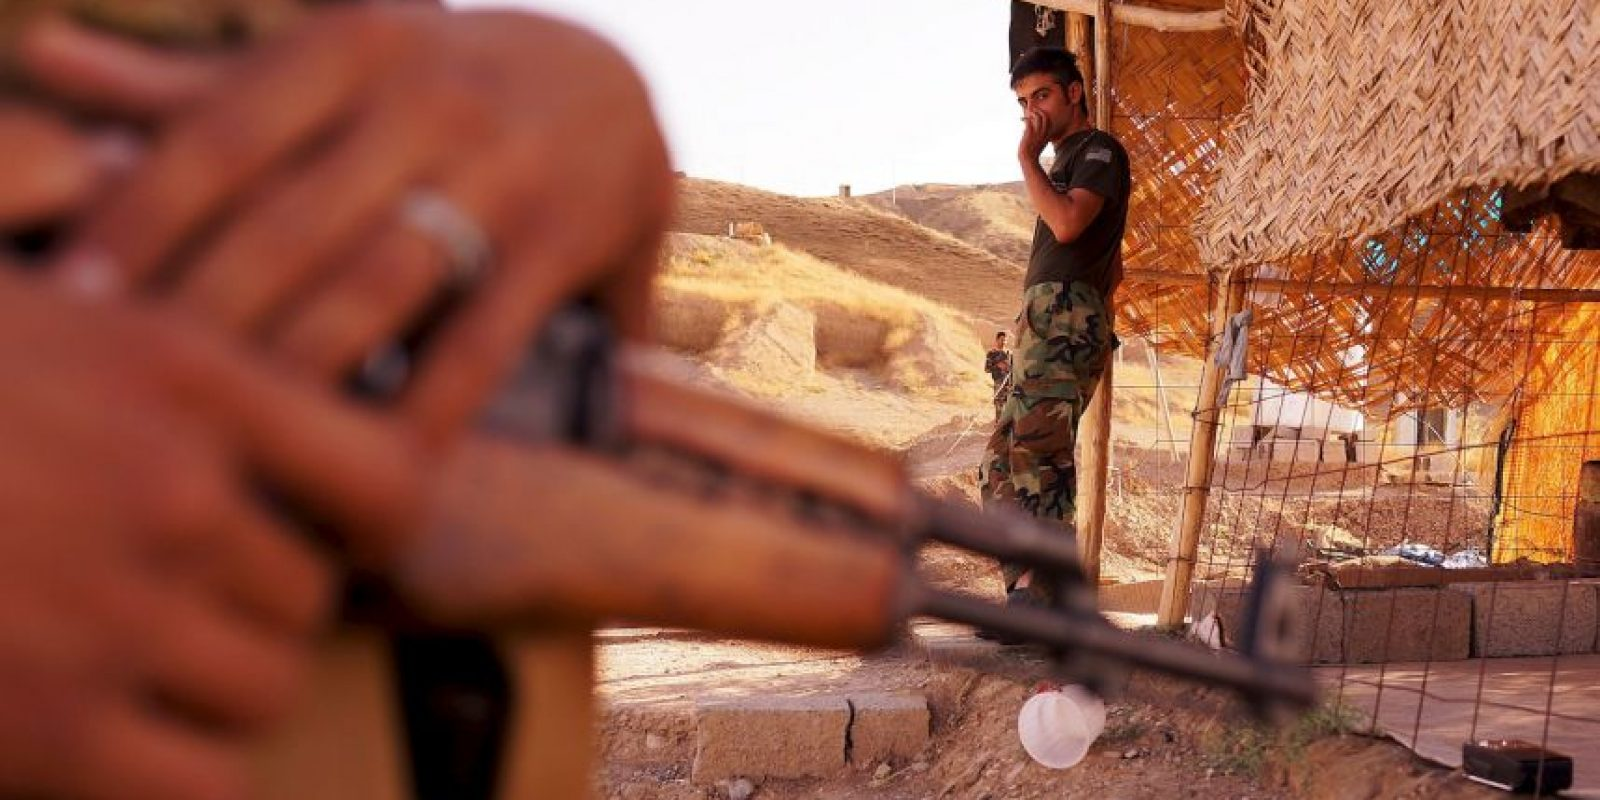 Está asentado en un amplio territorio de Irak y Siria controlado por radicales fieles a Abu Bakr al-Baghdadi. Foto:Getty Images